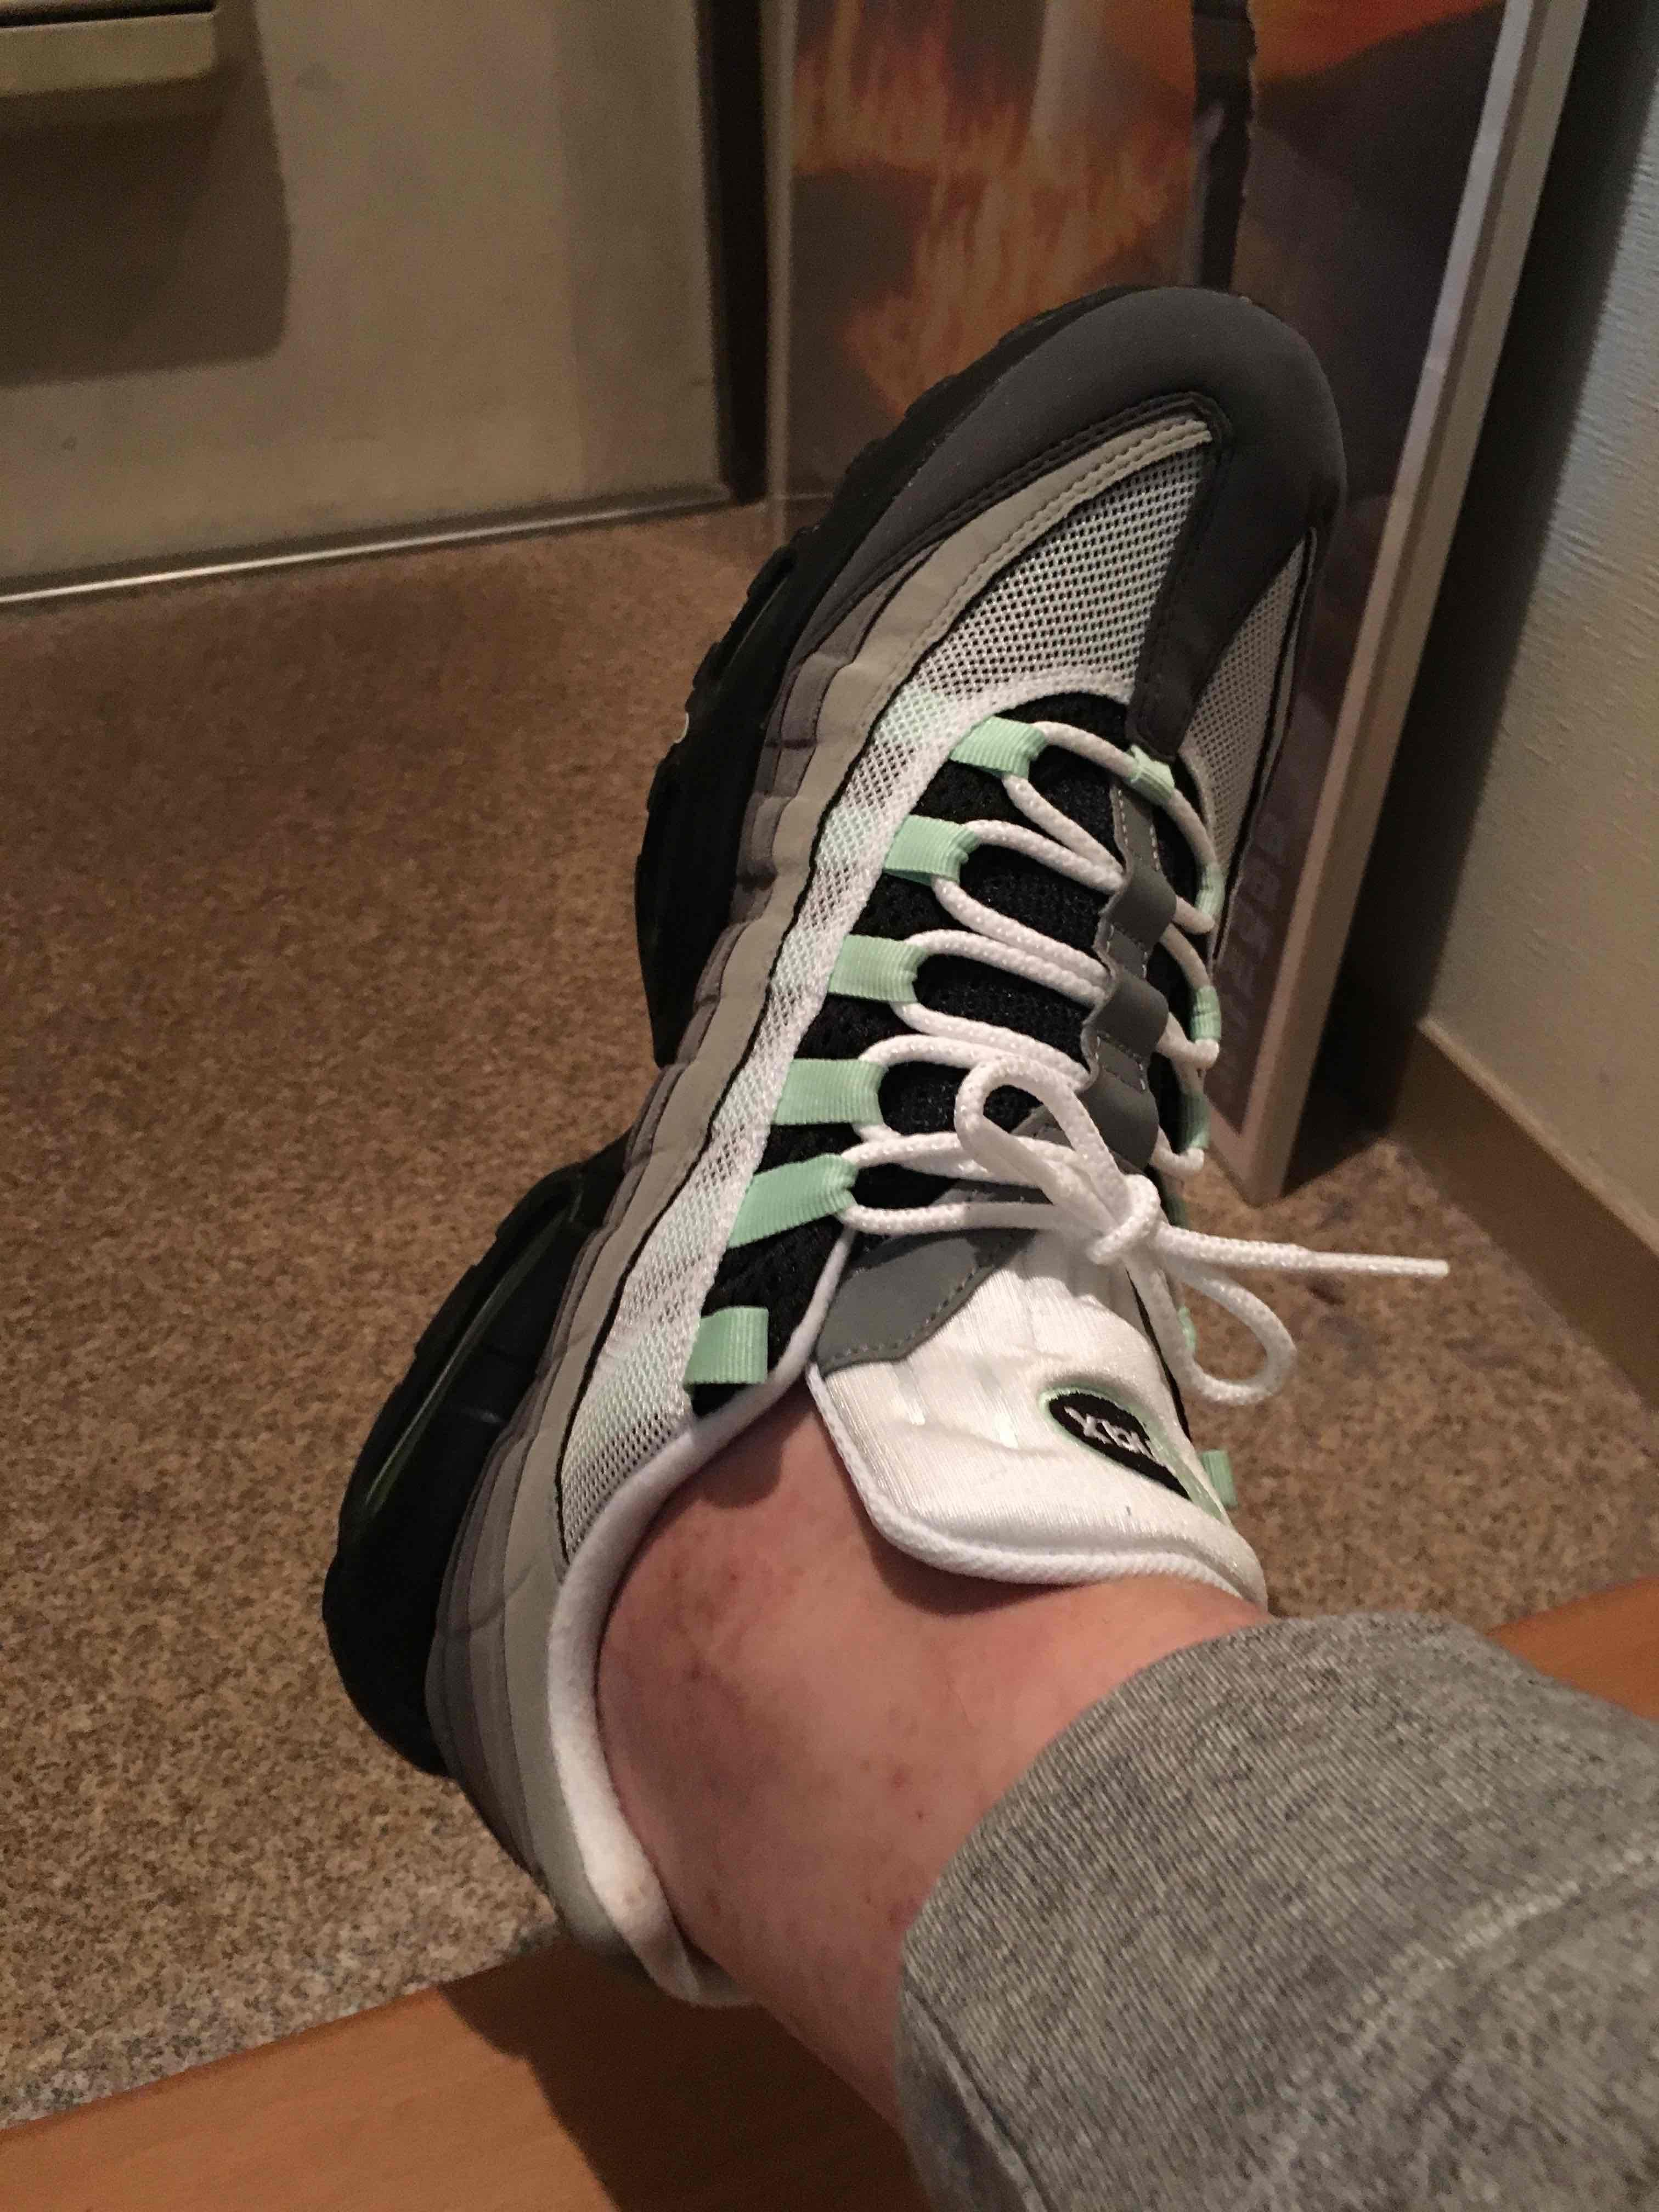 生まれて初めて履くエアマックス95です。 当方、ナイキでは32cmが丁度良いサ